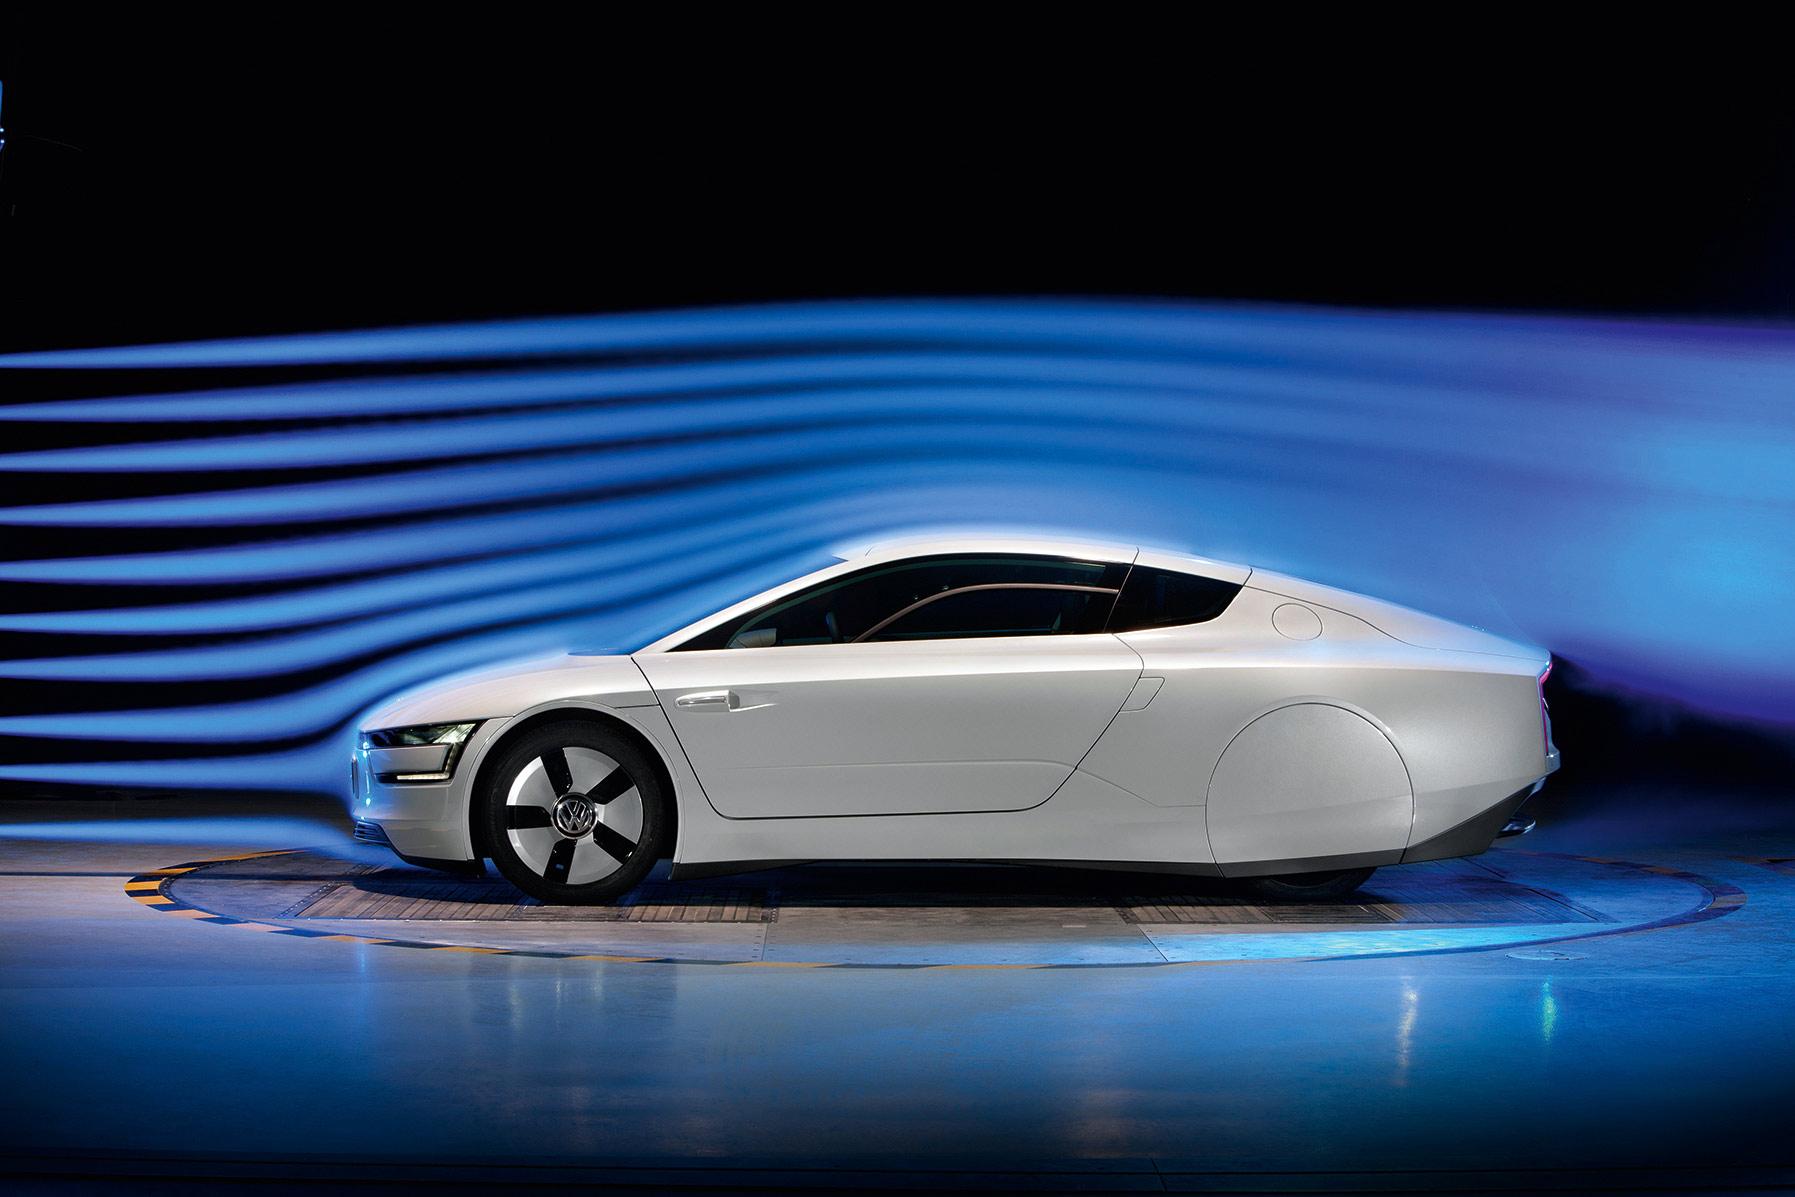 Projet barquette de course Volkswagen-xl1-037